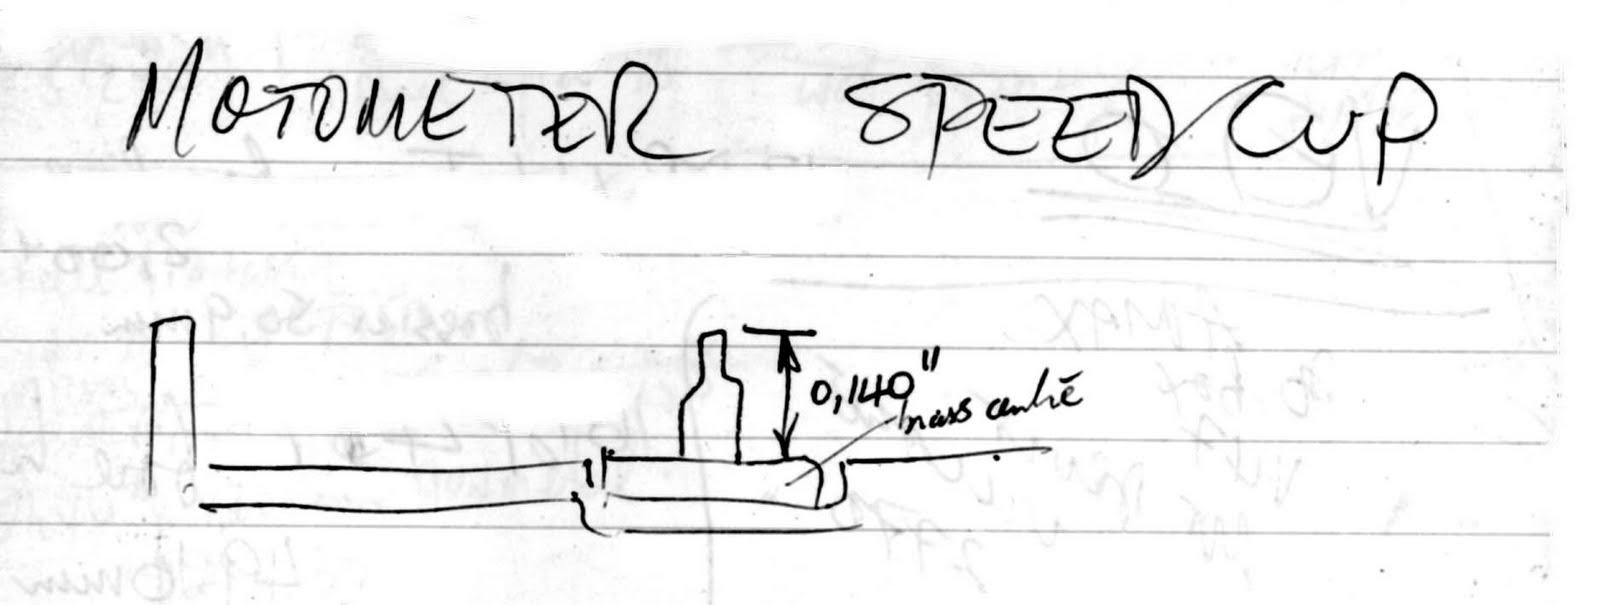 the velobanjogent motometer instruments for the bmw r80gs  the velobanjogent motometer instruments for the bmw r80gs motorcycle